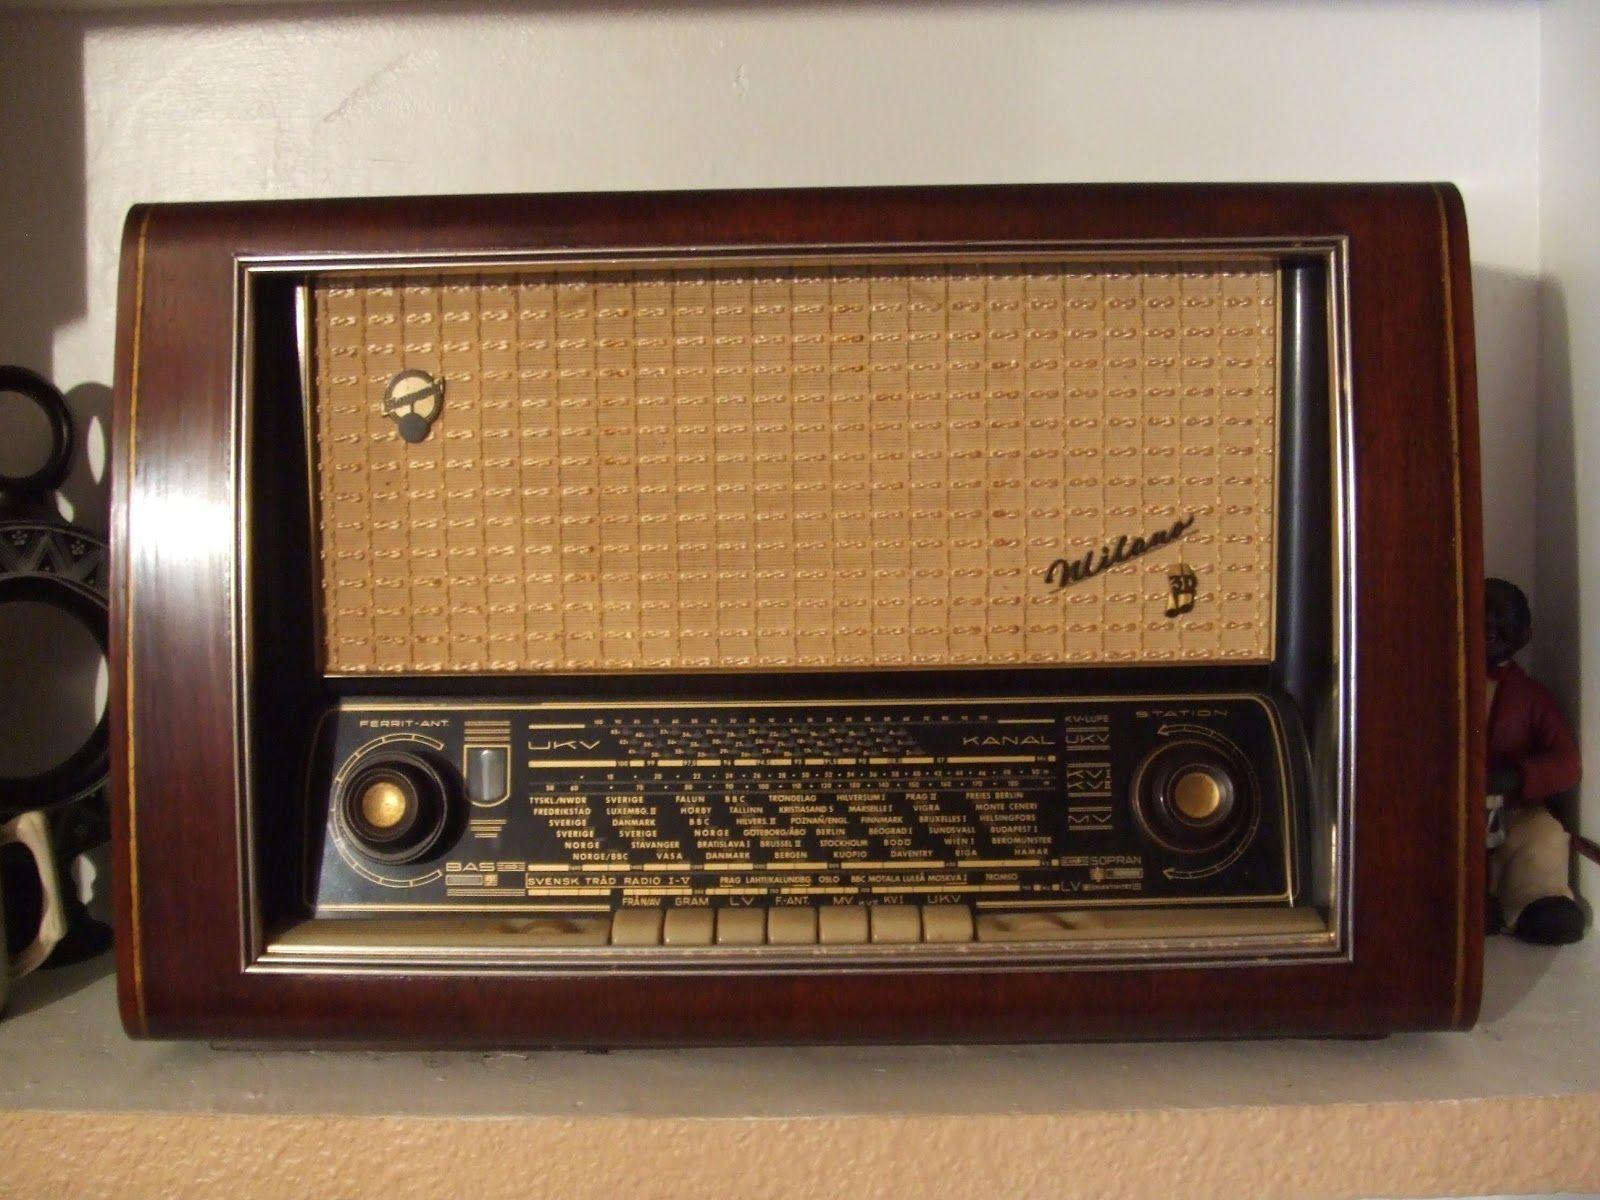 Radio Antigua Anos 50 Vintage Radio Radio Design Antique Radio